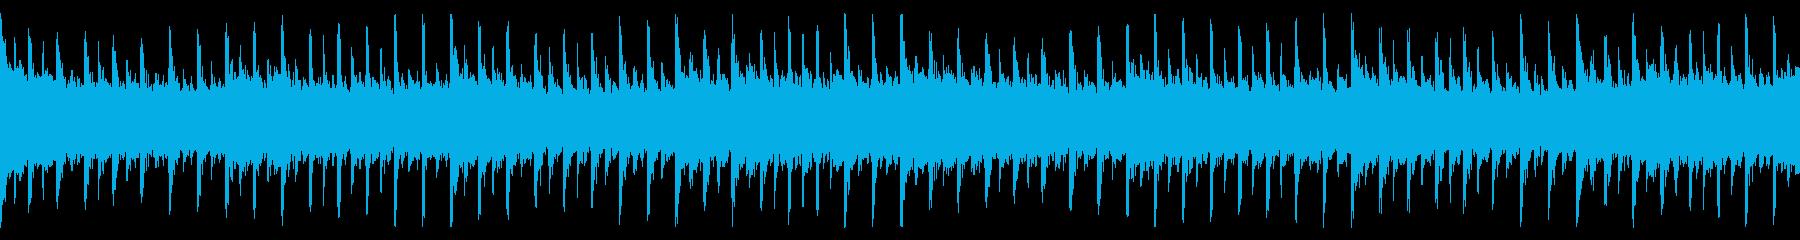 【ループ/30秒】爽やかコーポレートの再生済みの波形